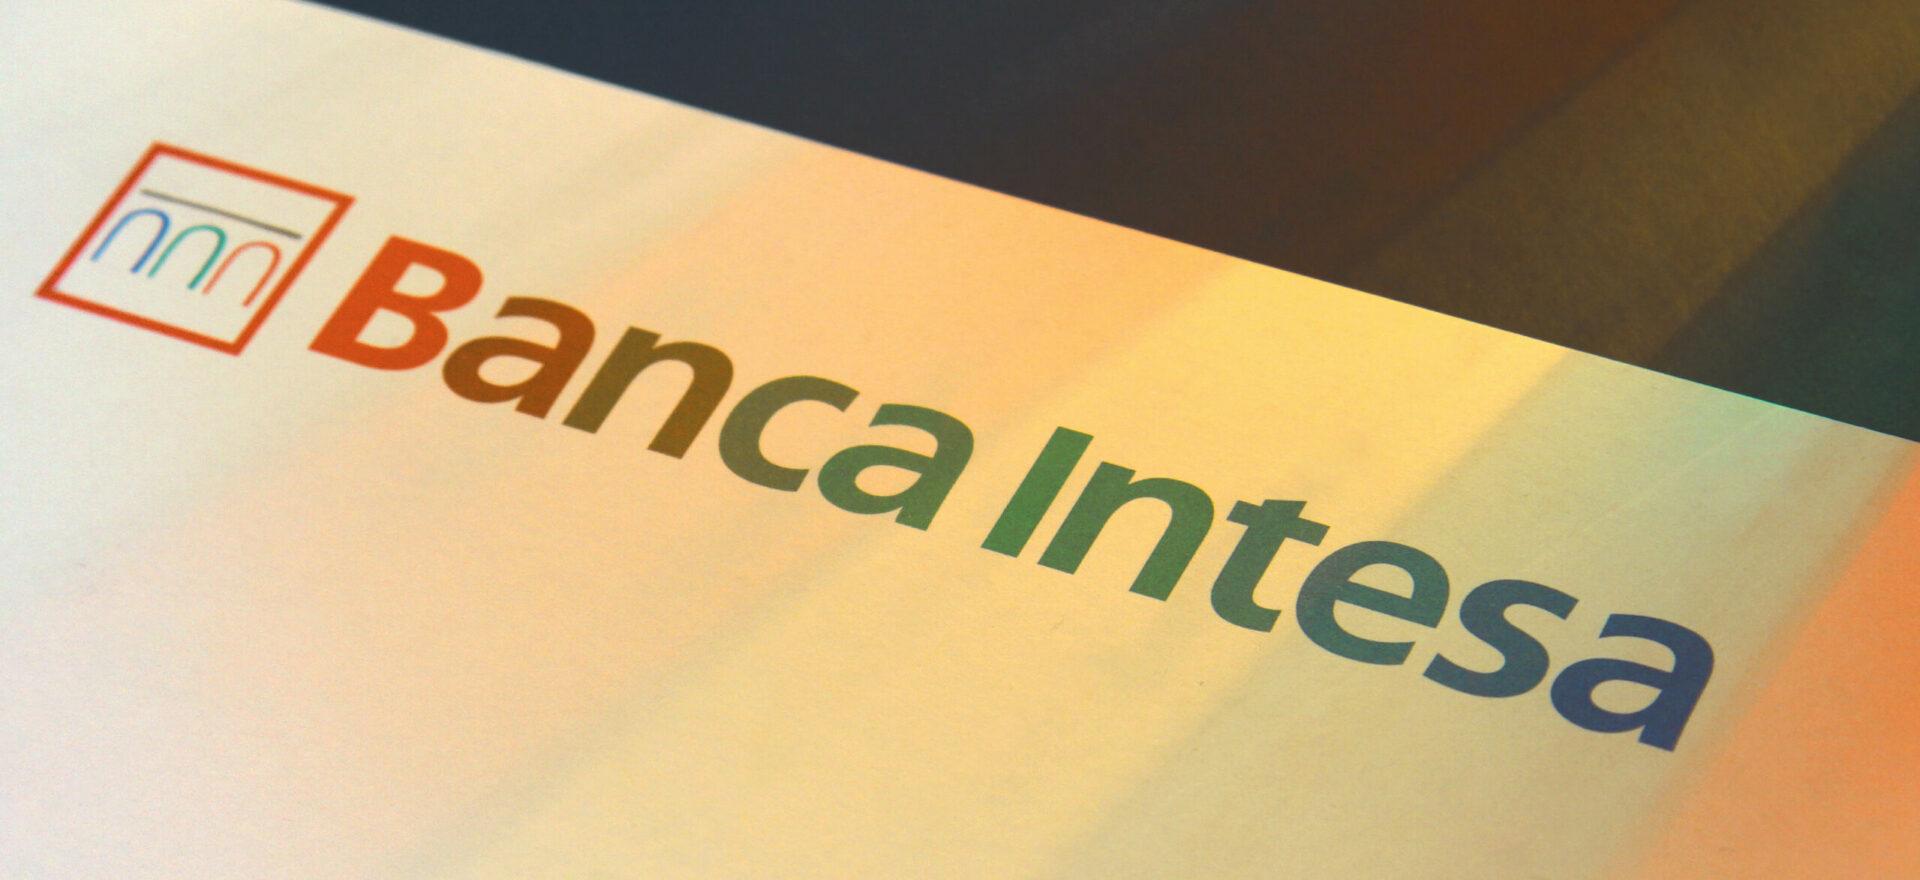 Logo | Graphic Design | Branding | Banca Intesa | Mario Trimarchi Design | Fragile